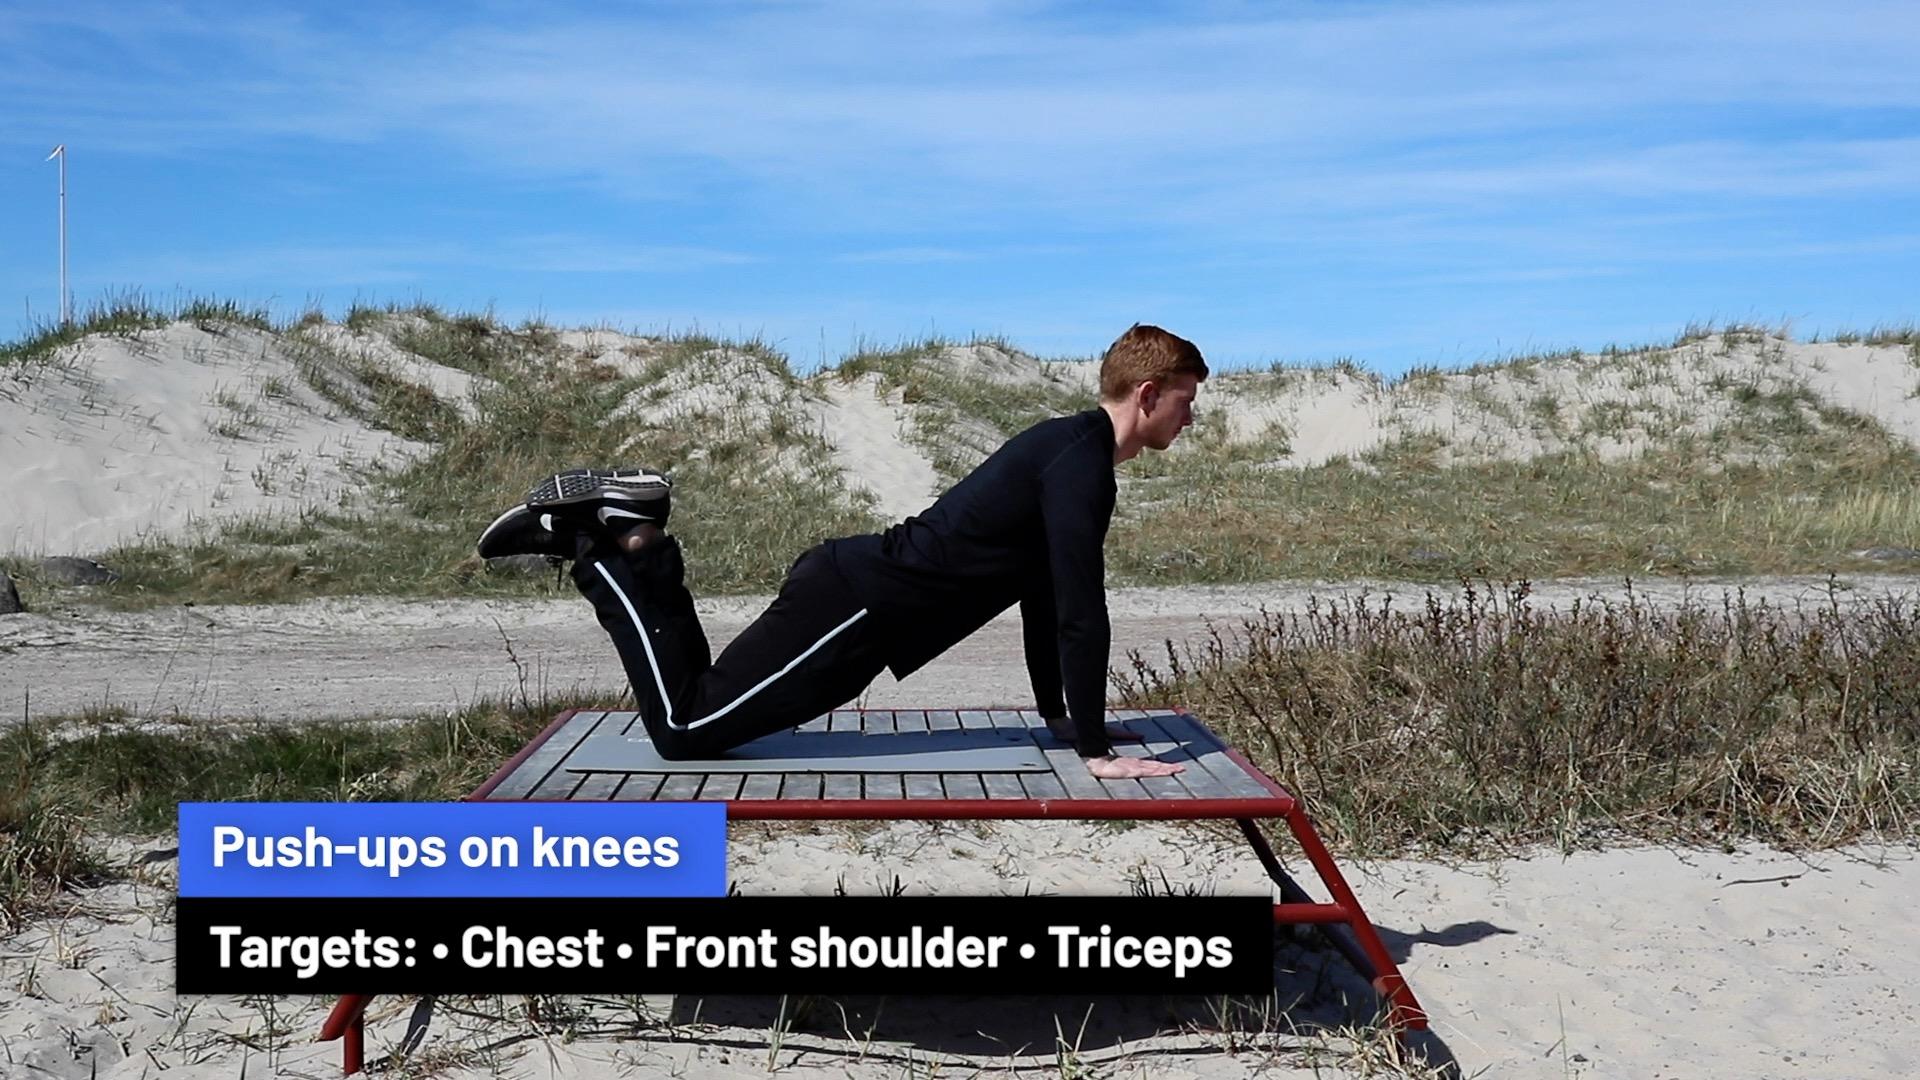 Push-ups on knees